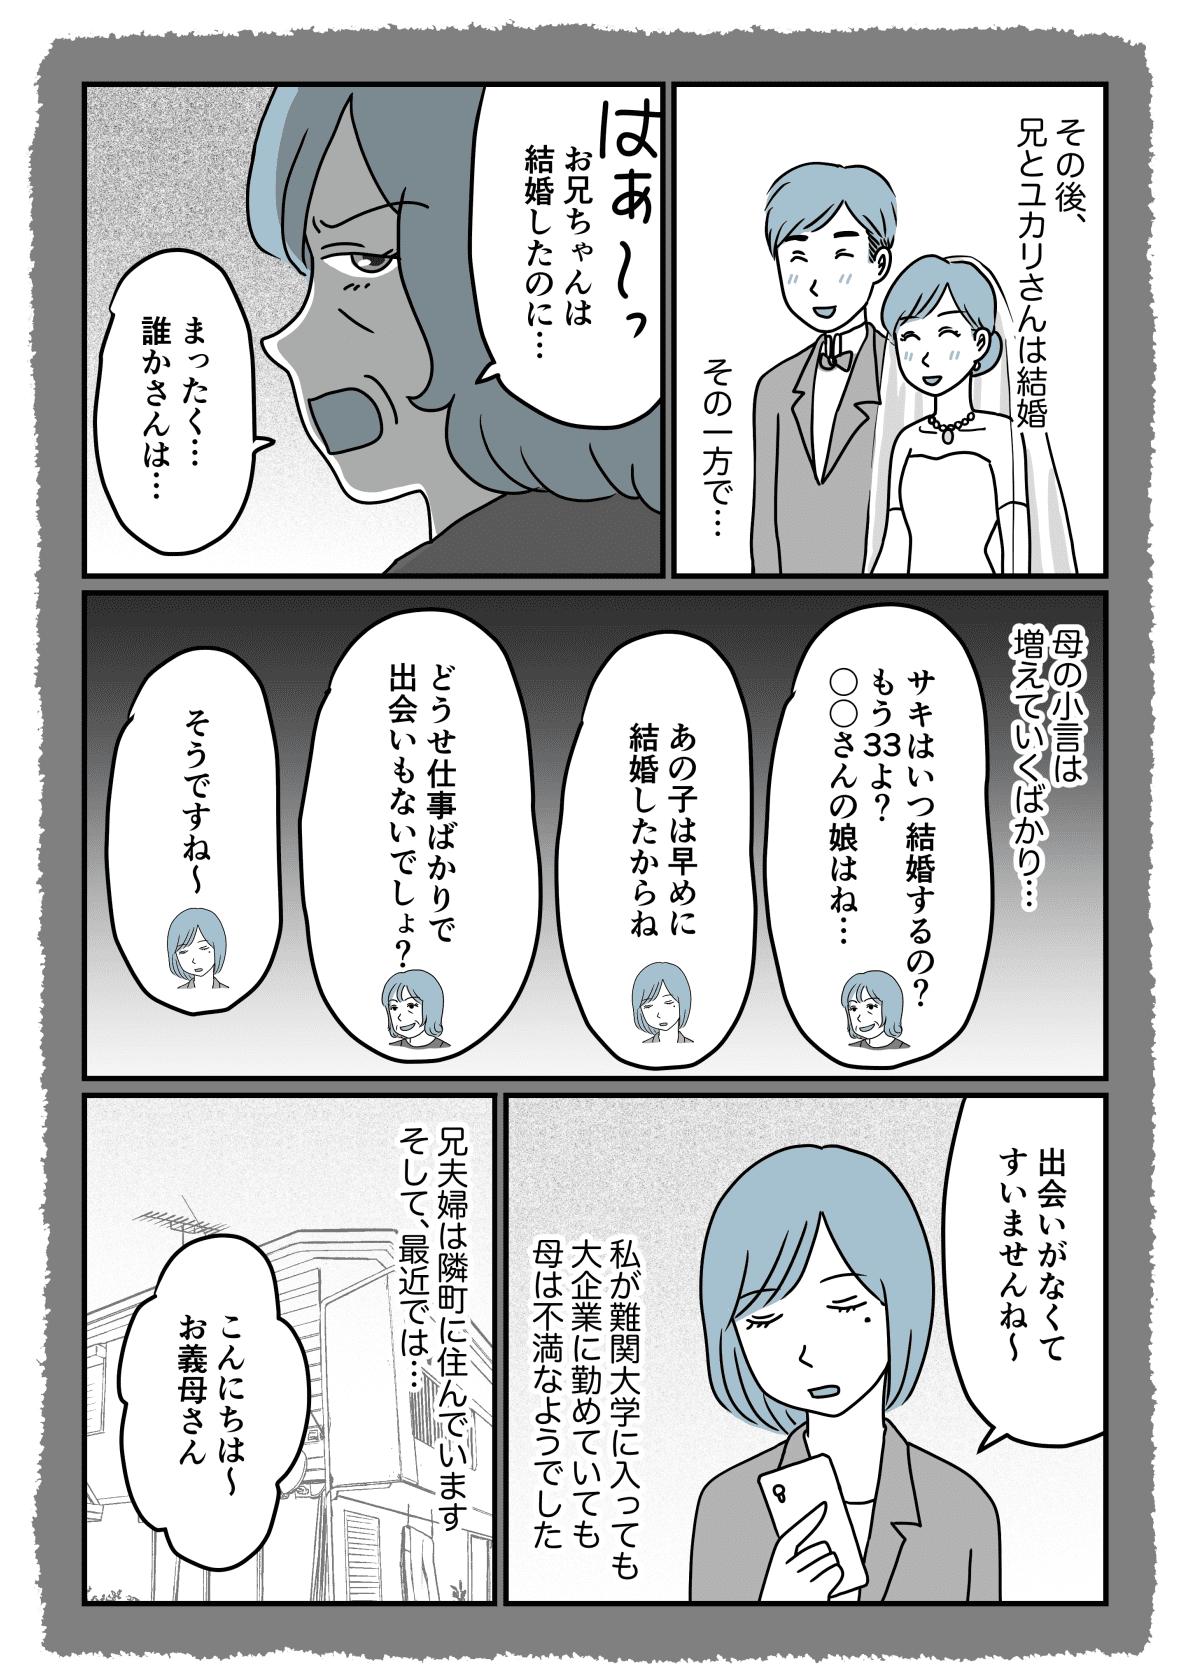 サキさんside2−1